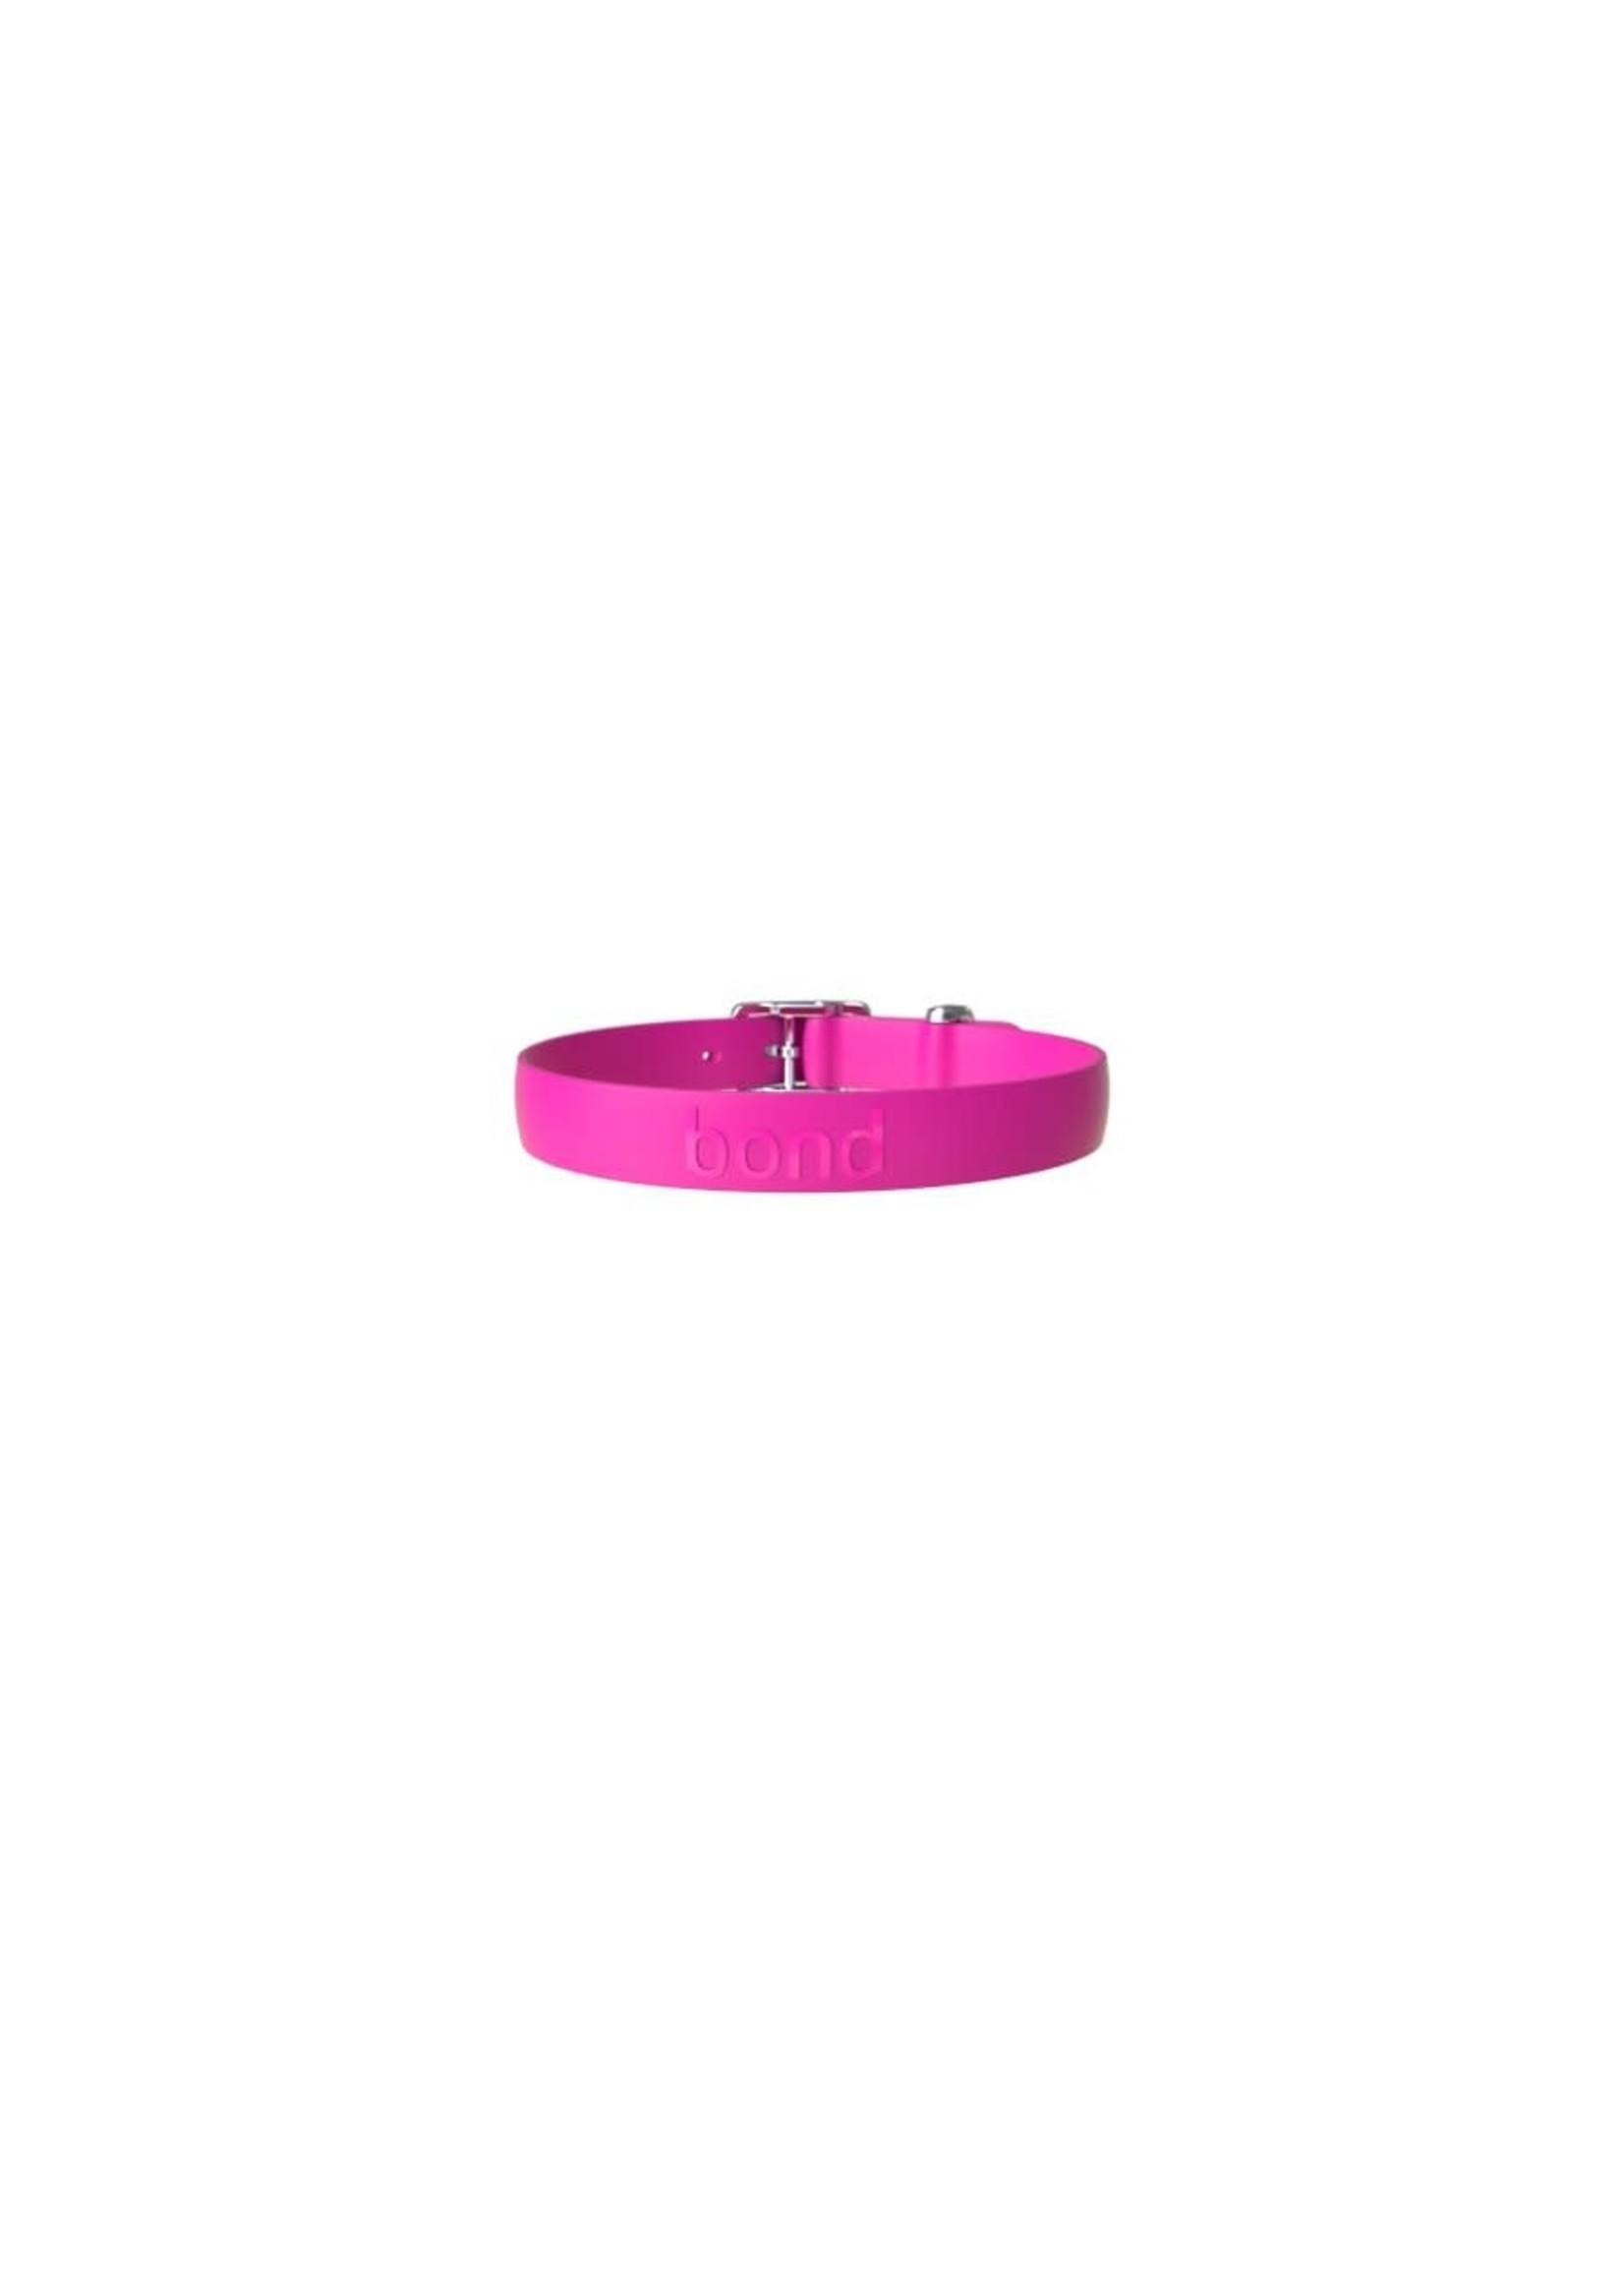 BOND Bond pet chien collier couleur framboise grand